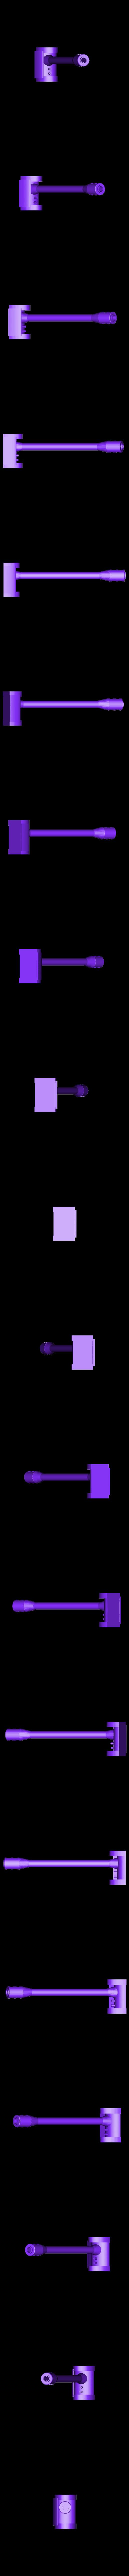 long barrel cannon.stl Télécharger fichier STL Ork Tank / Canon d'assaut 28mm optimisé pour FDM Printing • Modèle pour imprimante 3D, redstarkits